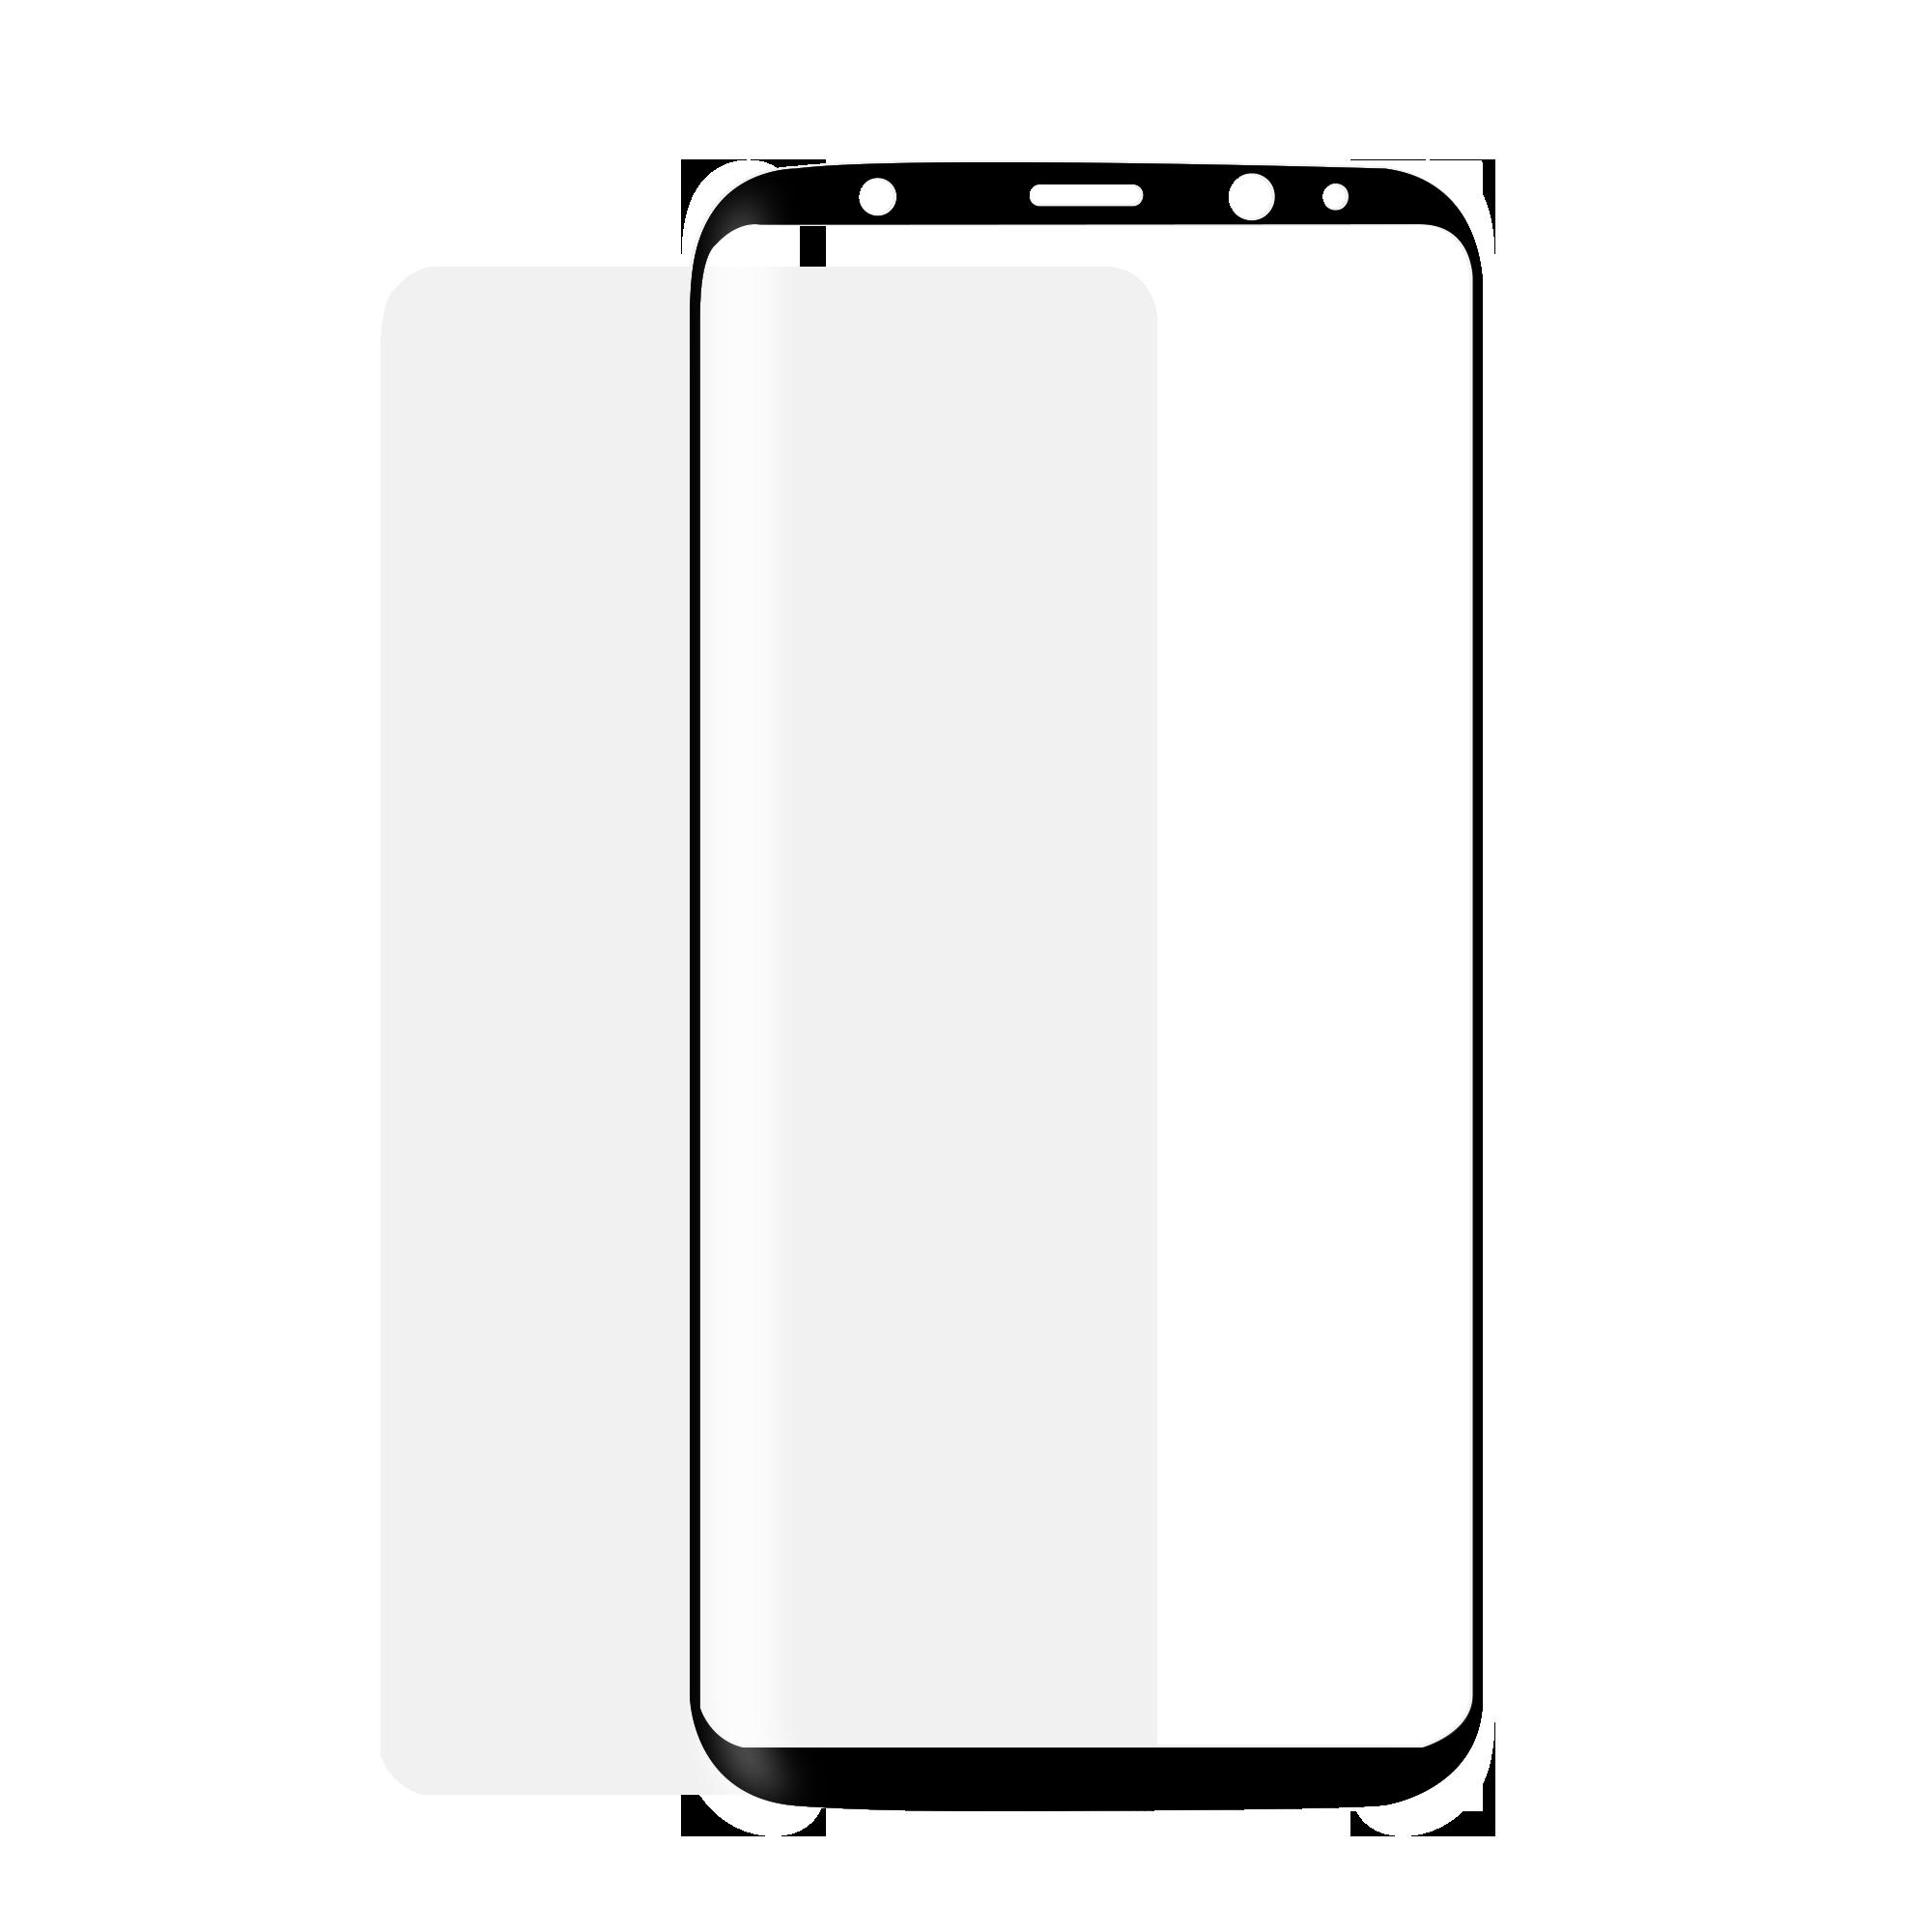 Ksix Mobile tiene ya disponible fundas y protectores de pantalla ...